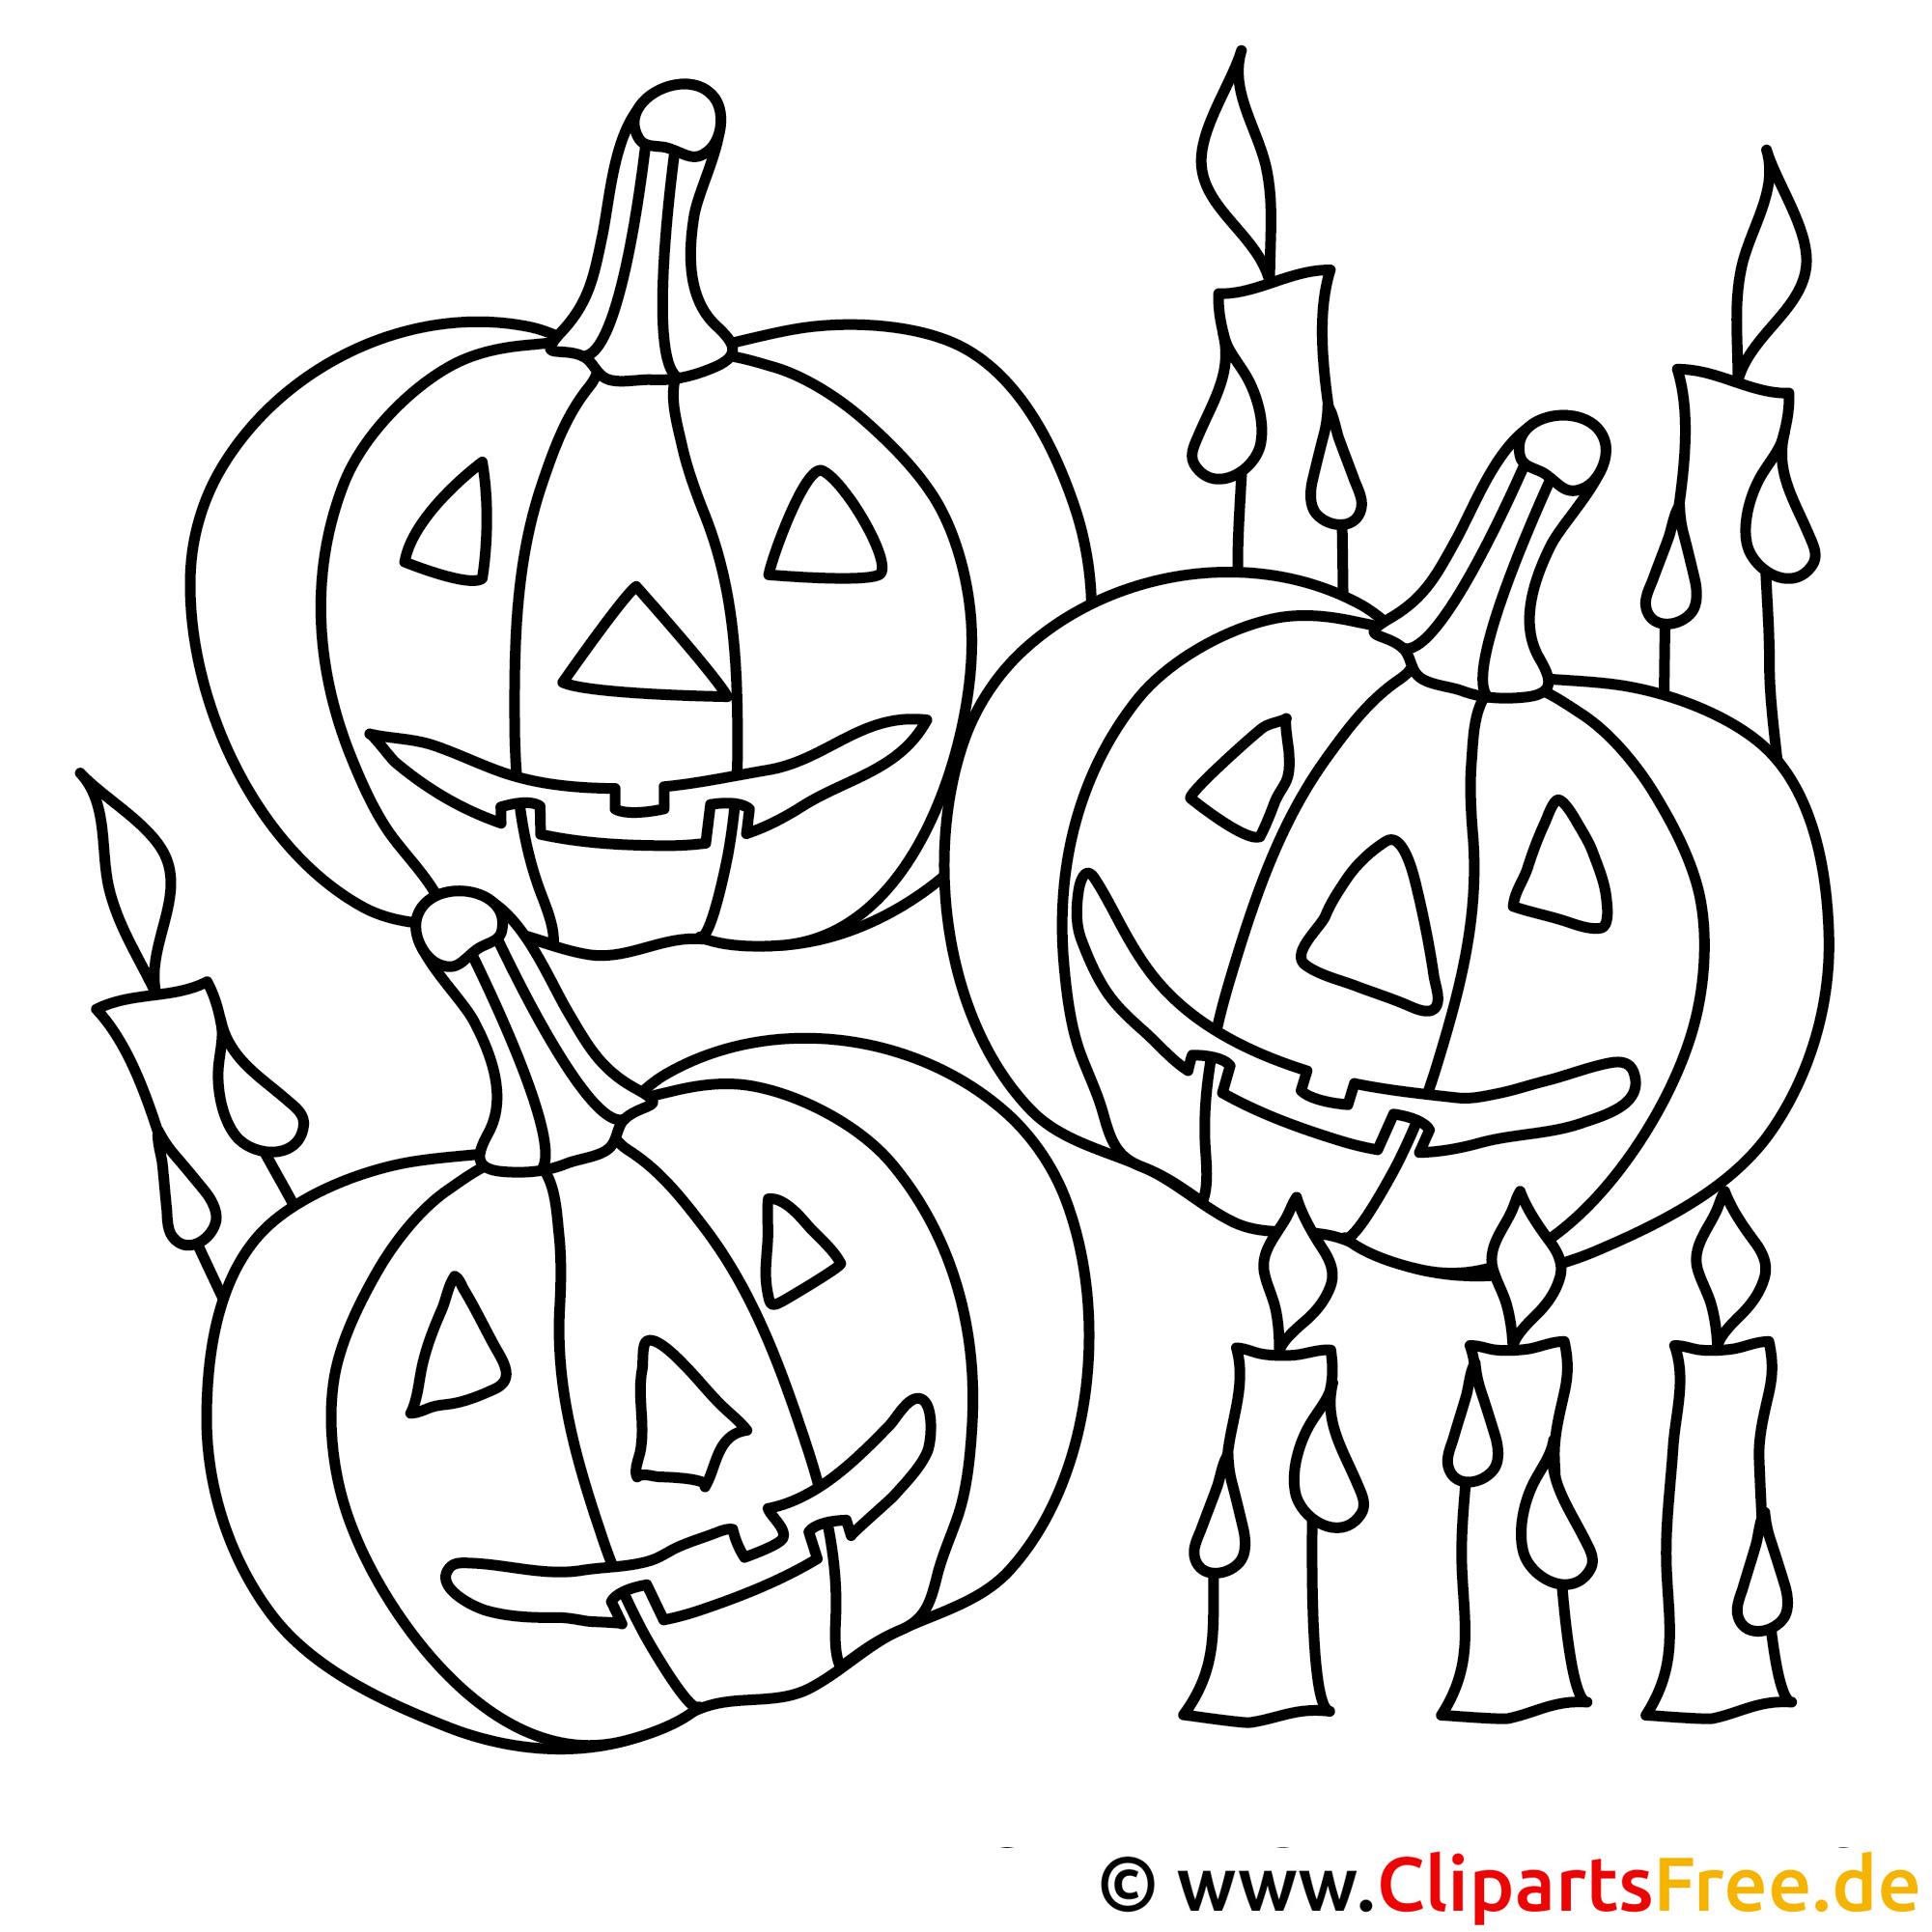 Halloween Malvorlage gratis mit Kurbis